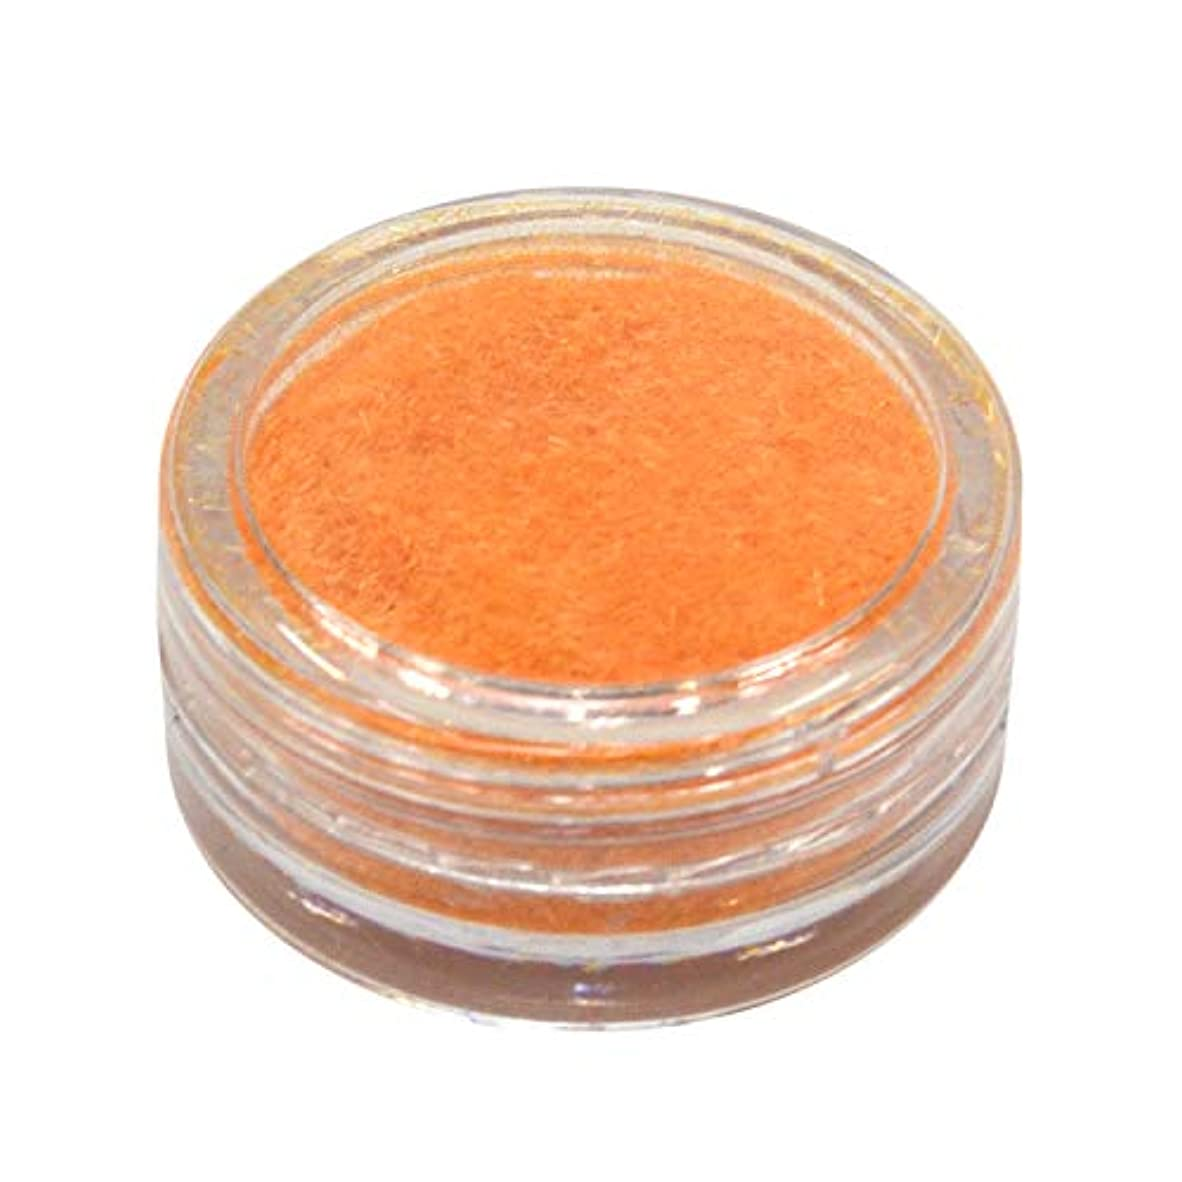 重さ真実にヒロインネルパラ ベルベットパウダー #30 オレンジ